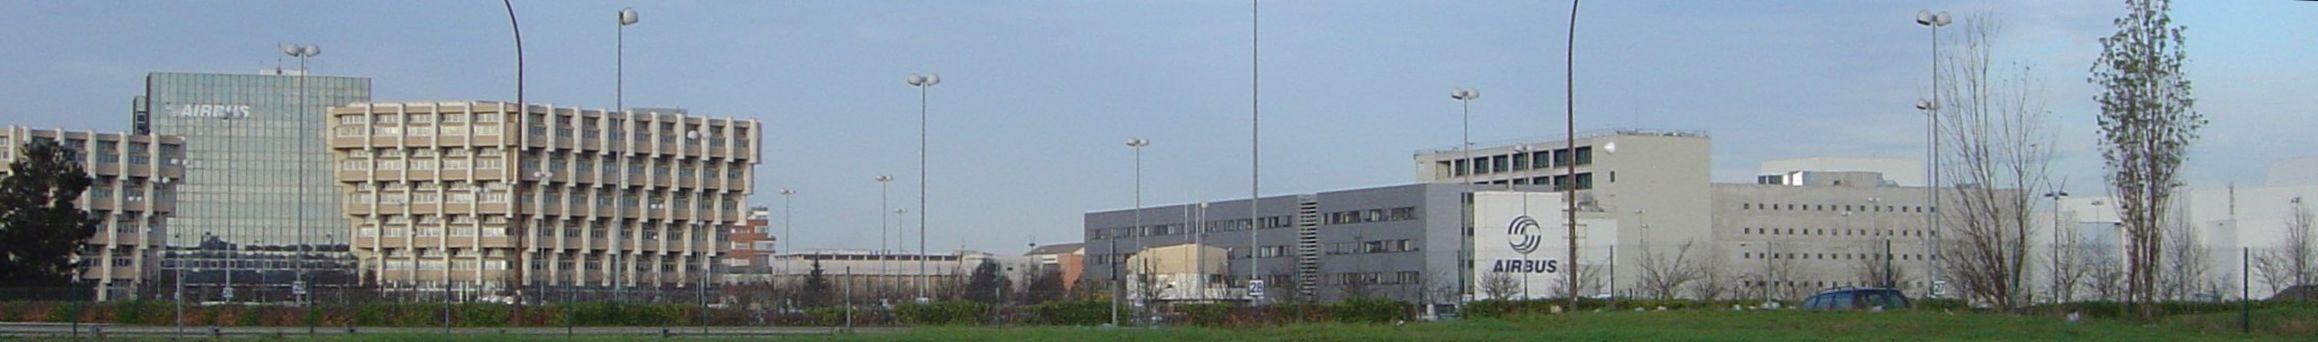 Airbus_Toulouse_plant_entrance_DSC02696.jpg